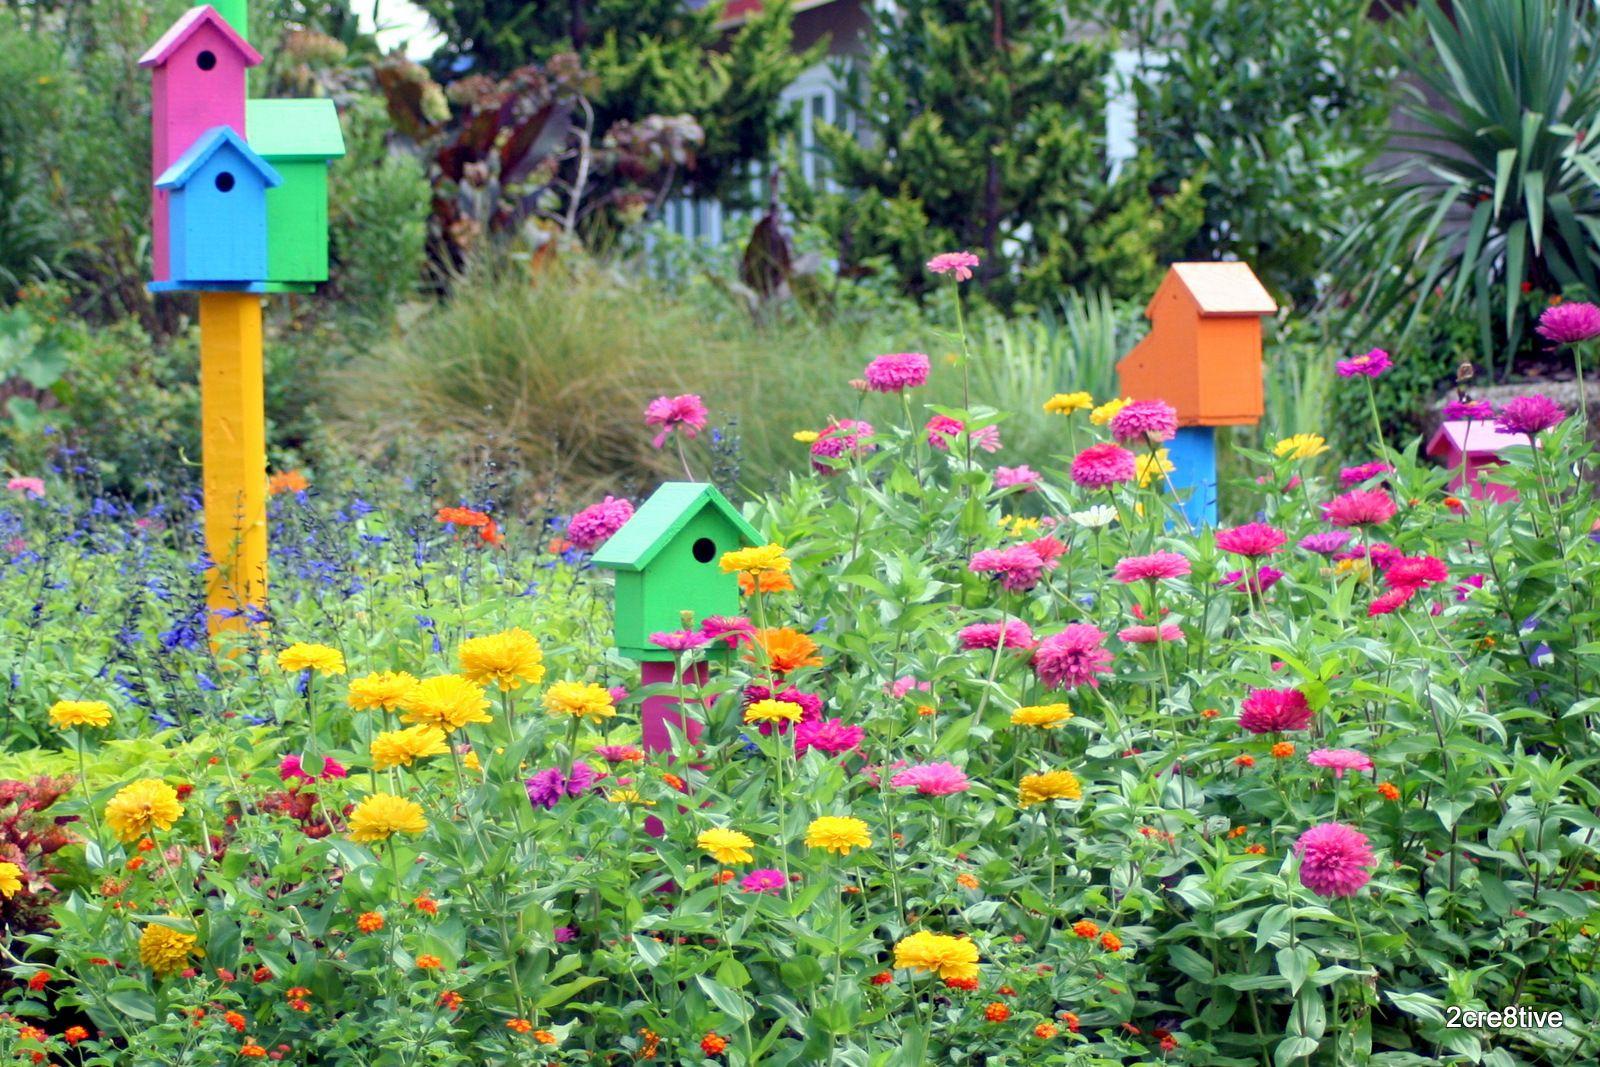 Zinnia Garden Bird Houses Virginia Beach Botanical Garden Inspirations Pinterest Zinnia